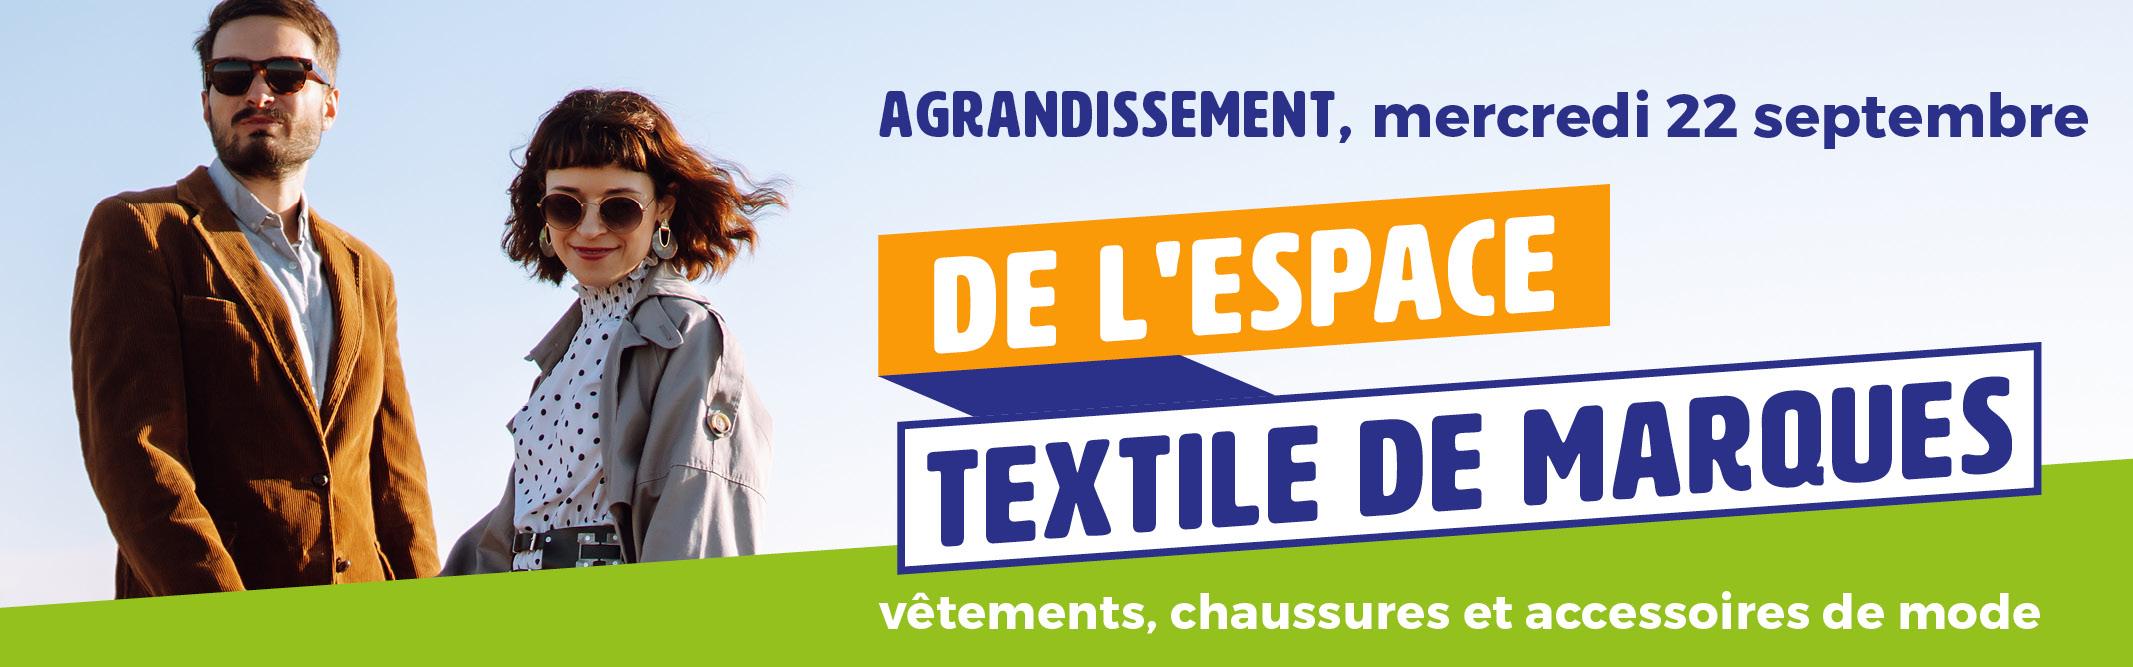 Agrandissement TDM Saint-Brévin